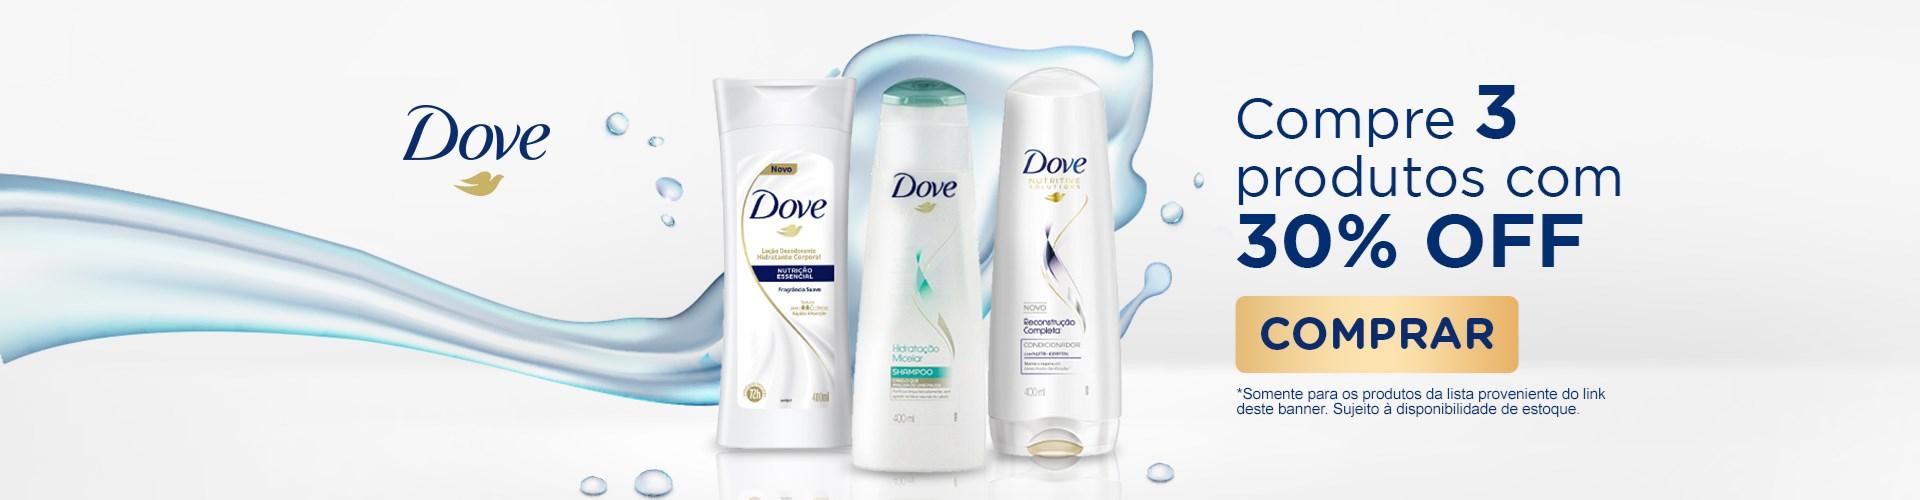 Promoção Dove